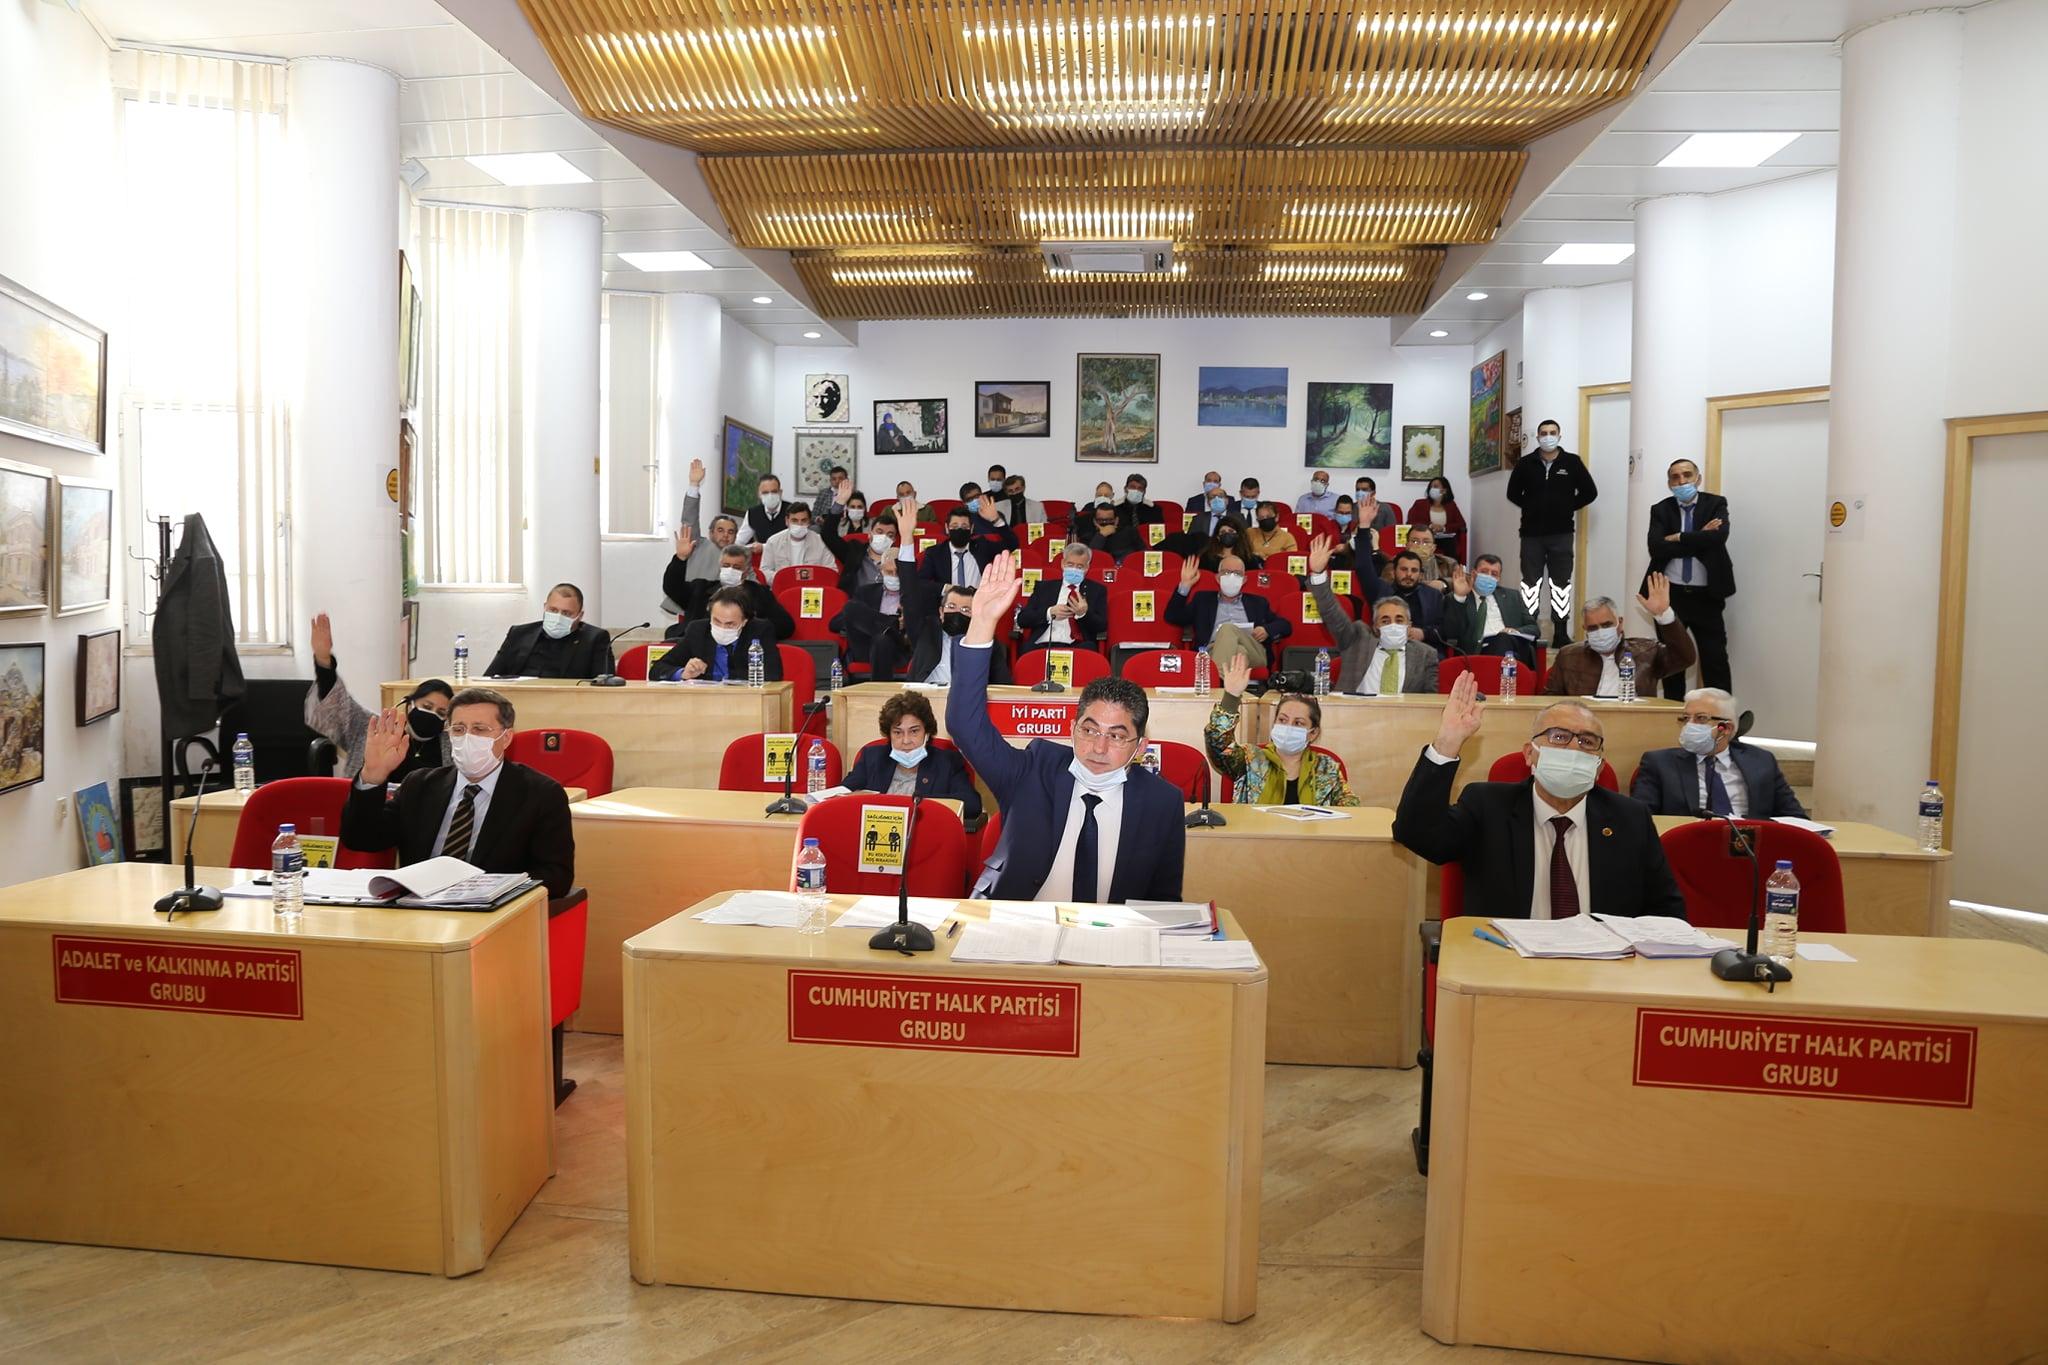 Burhaniye Belediyesi 2020 Faaliyet Raporu Onaylandı